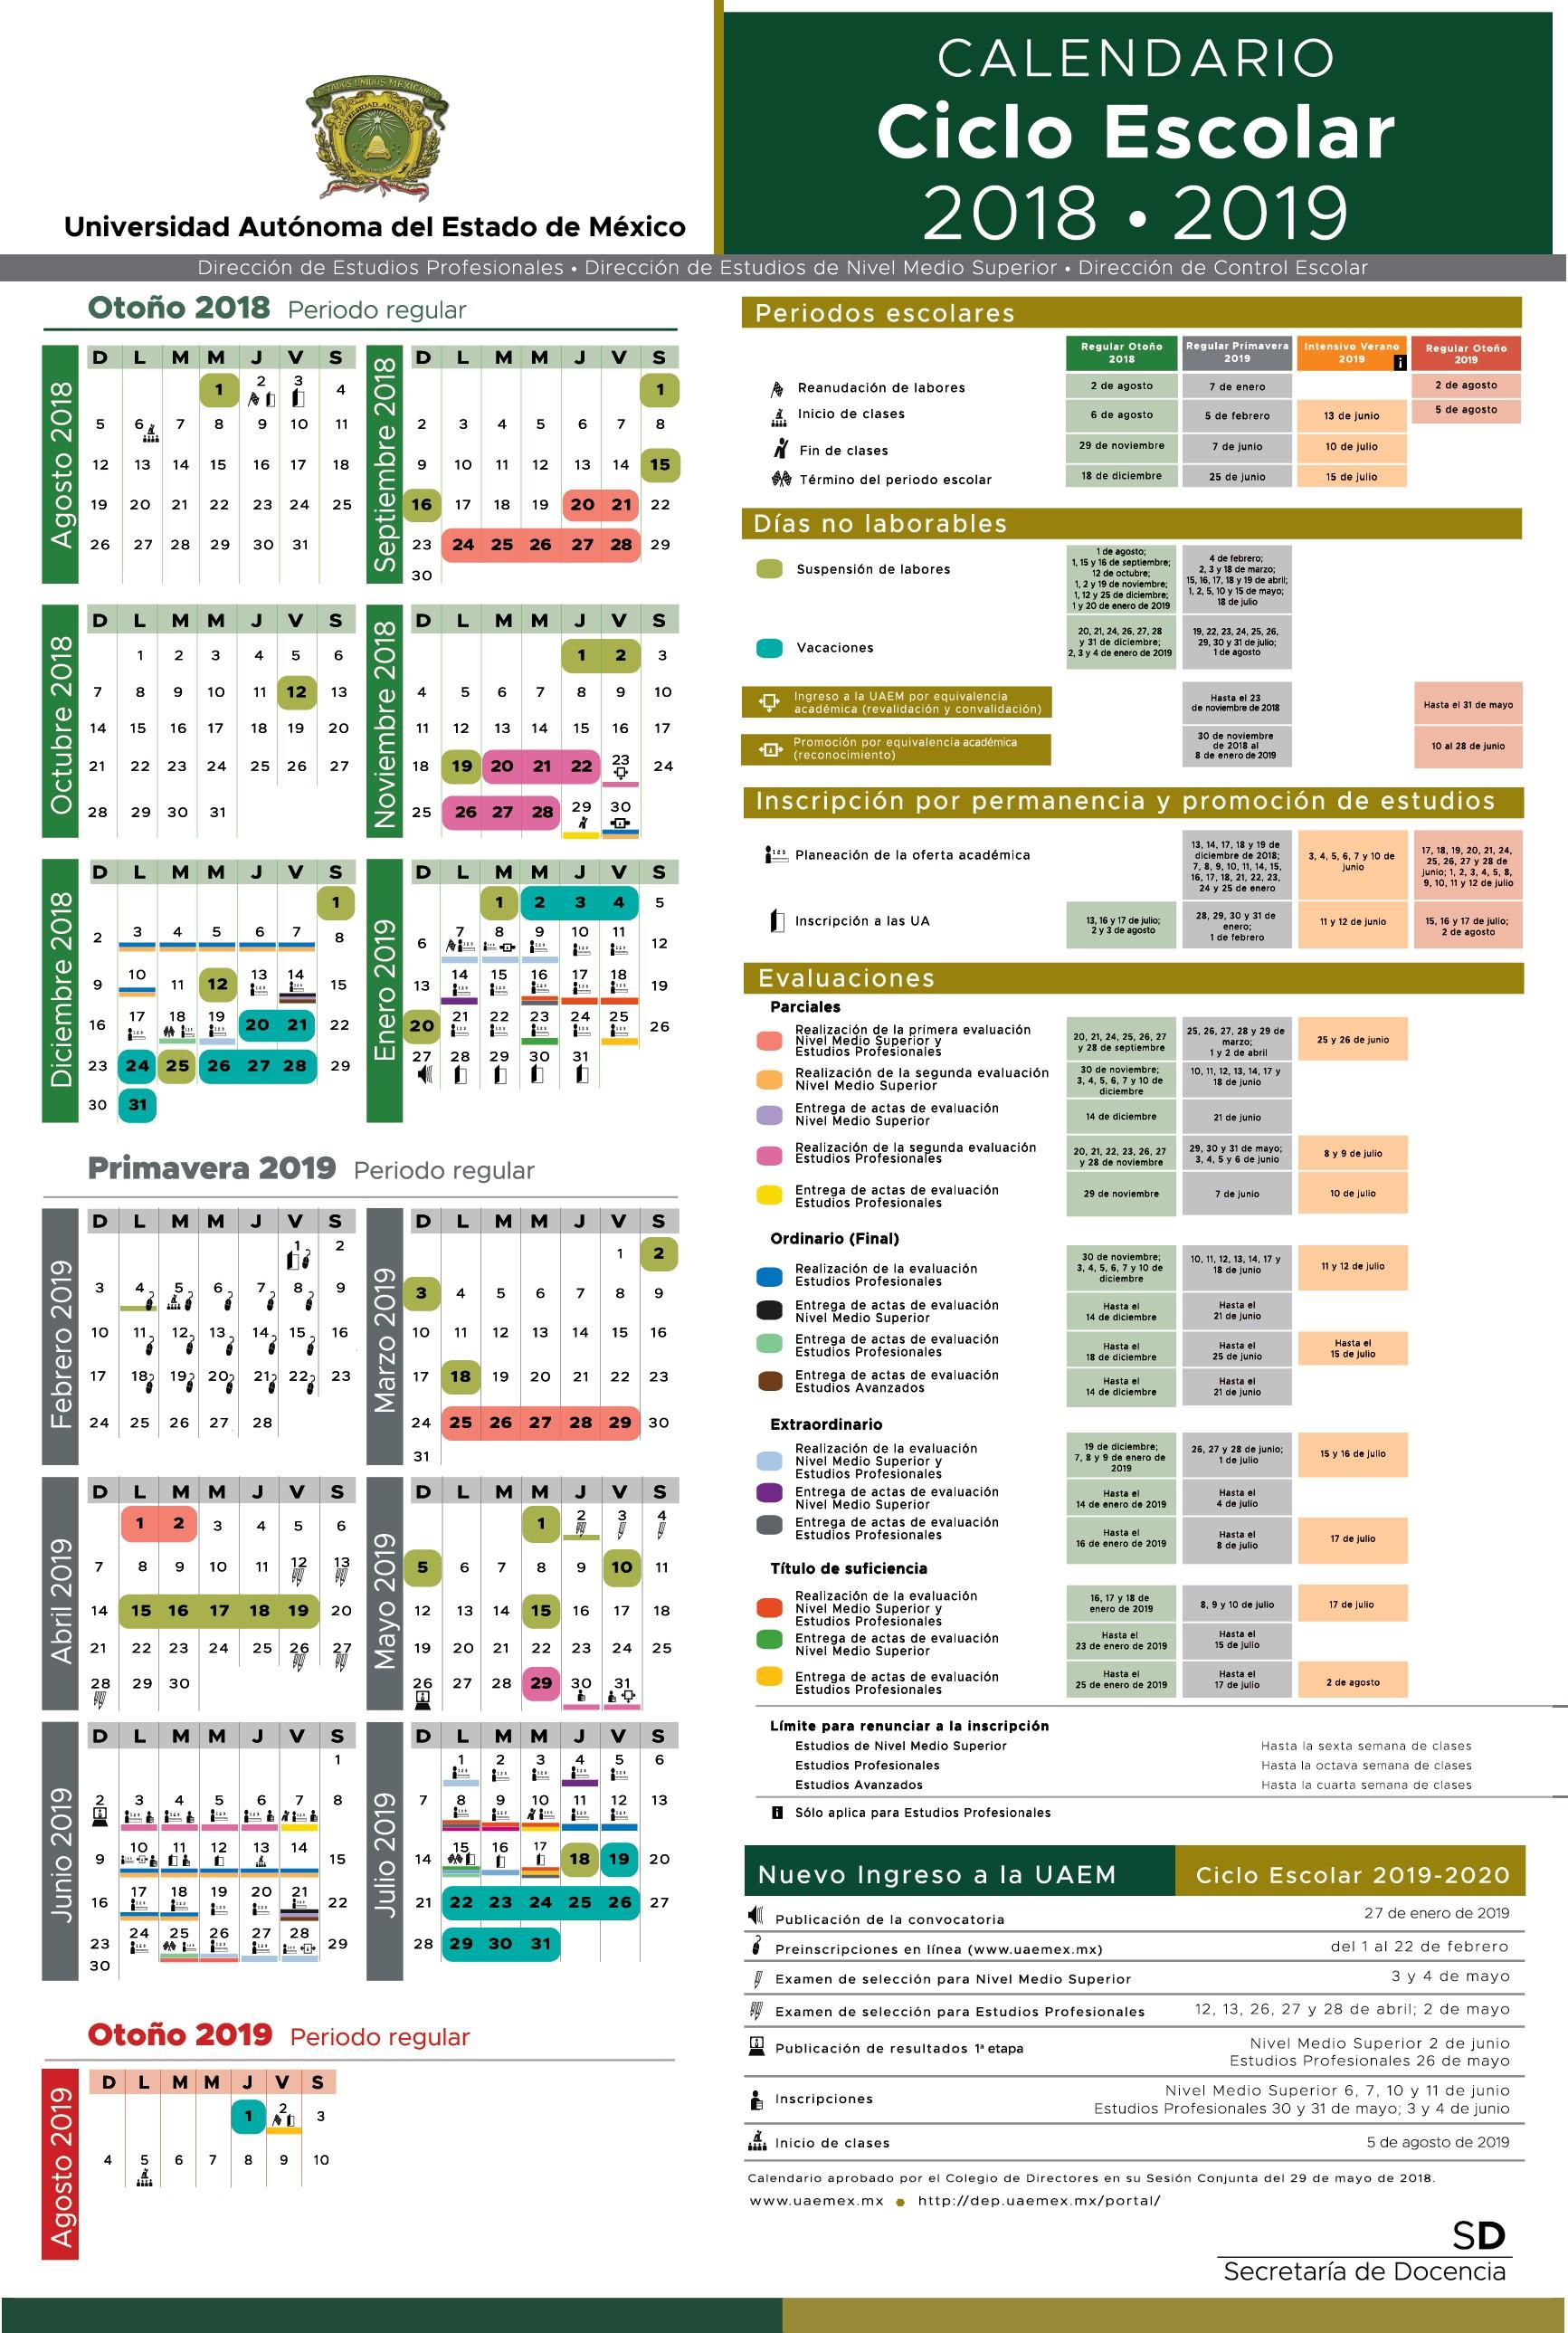 Calendario Escolar UAEMex 2018 2019 Aqu